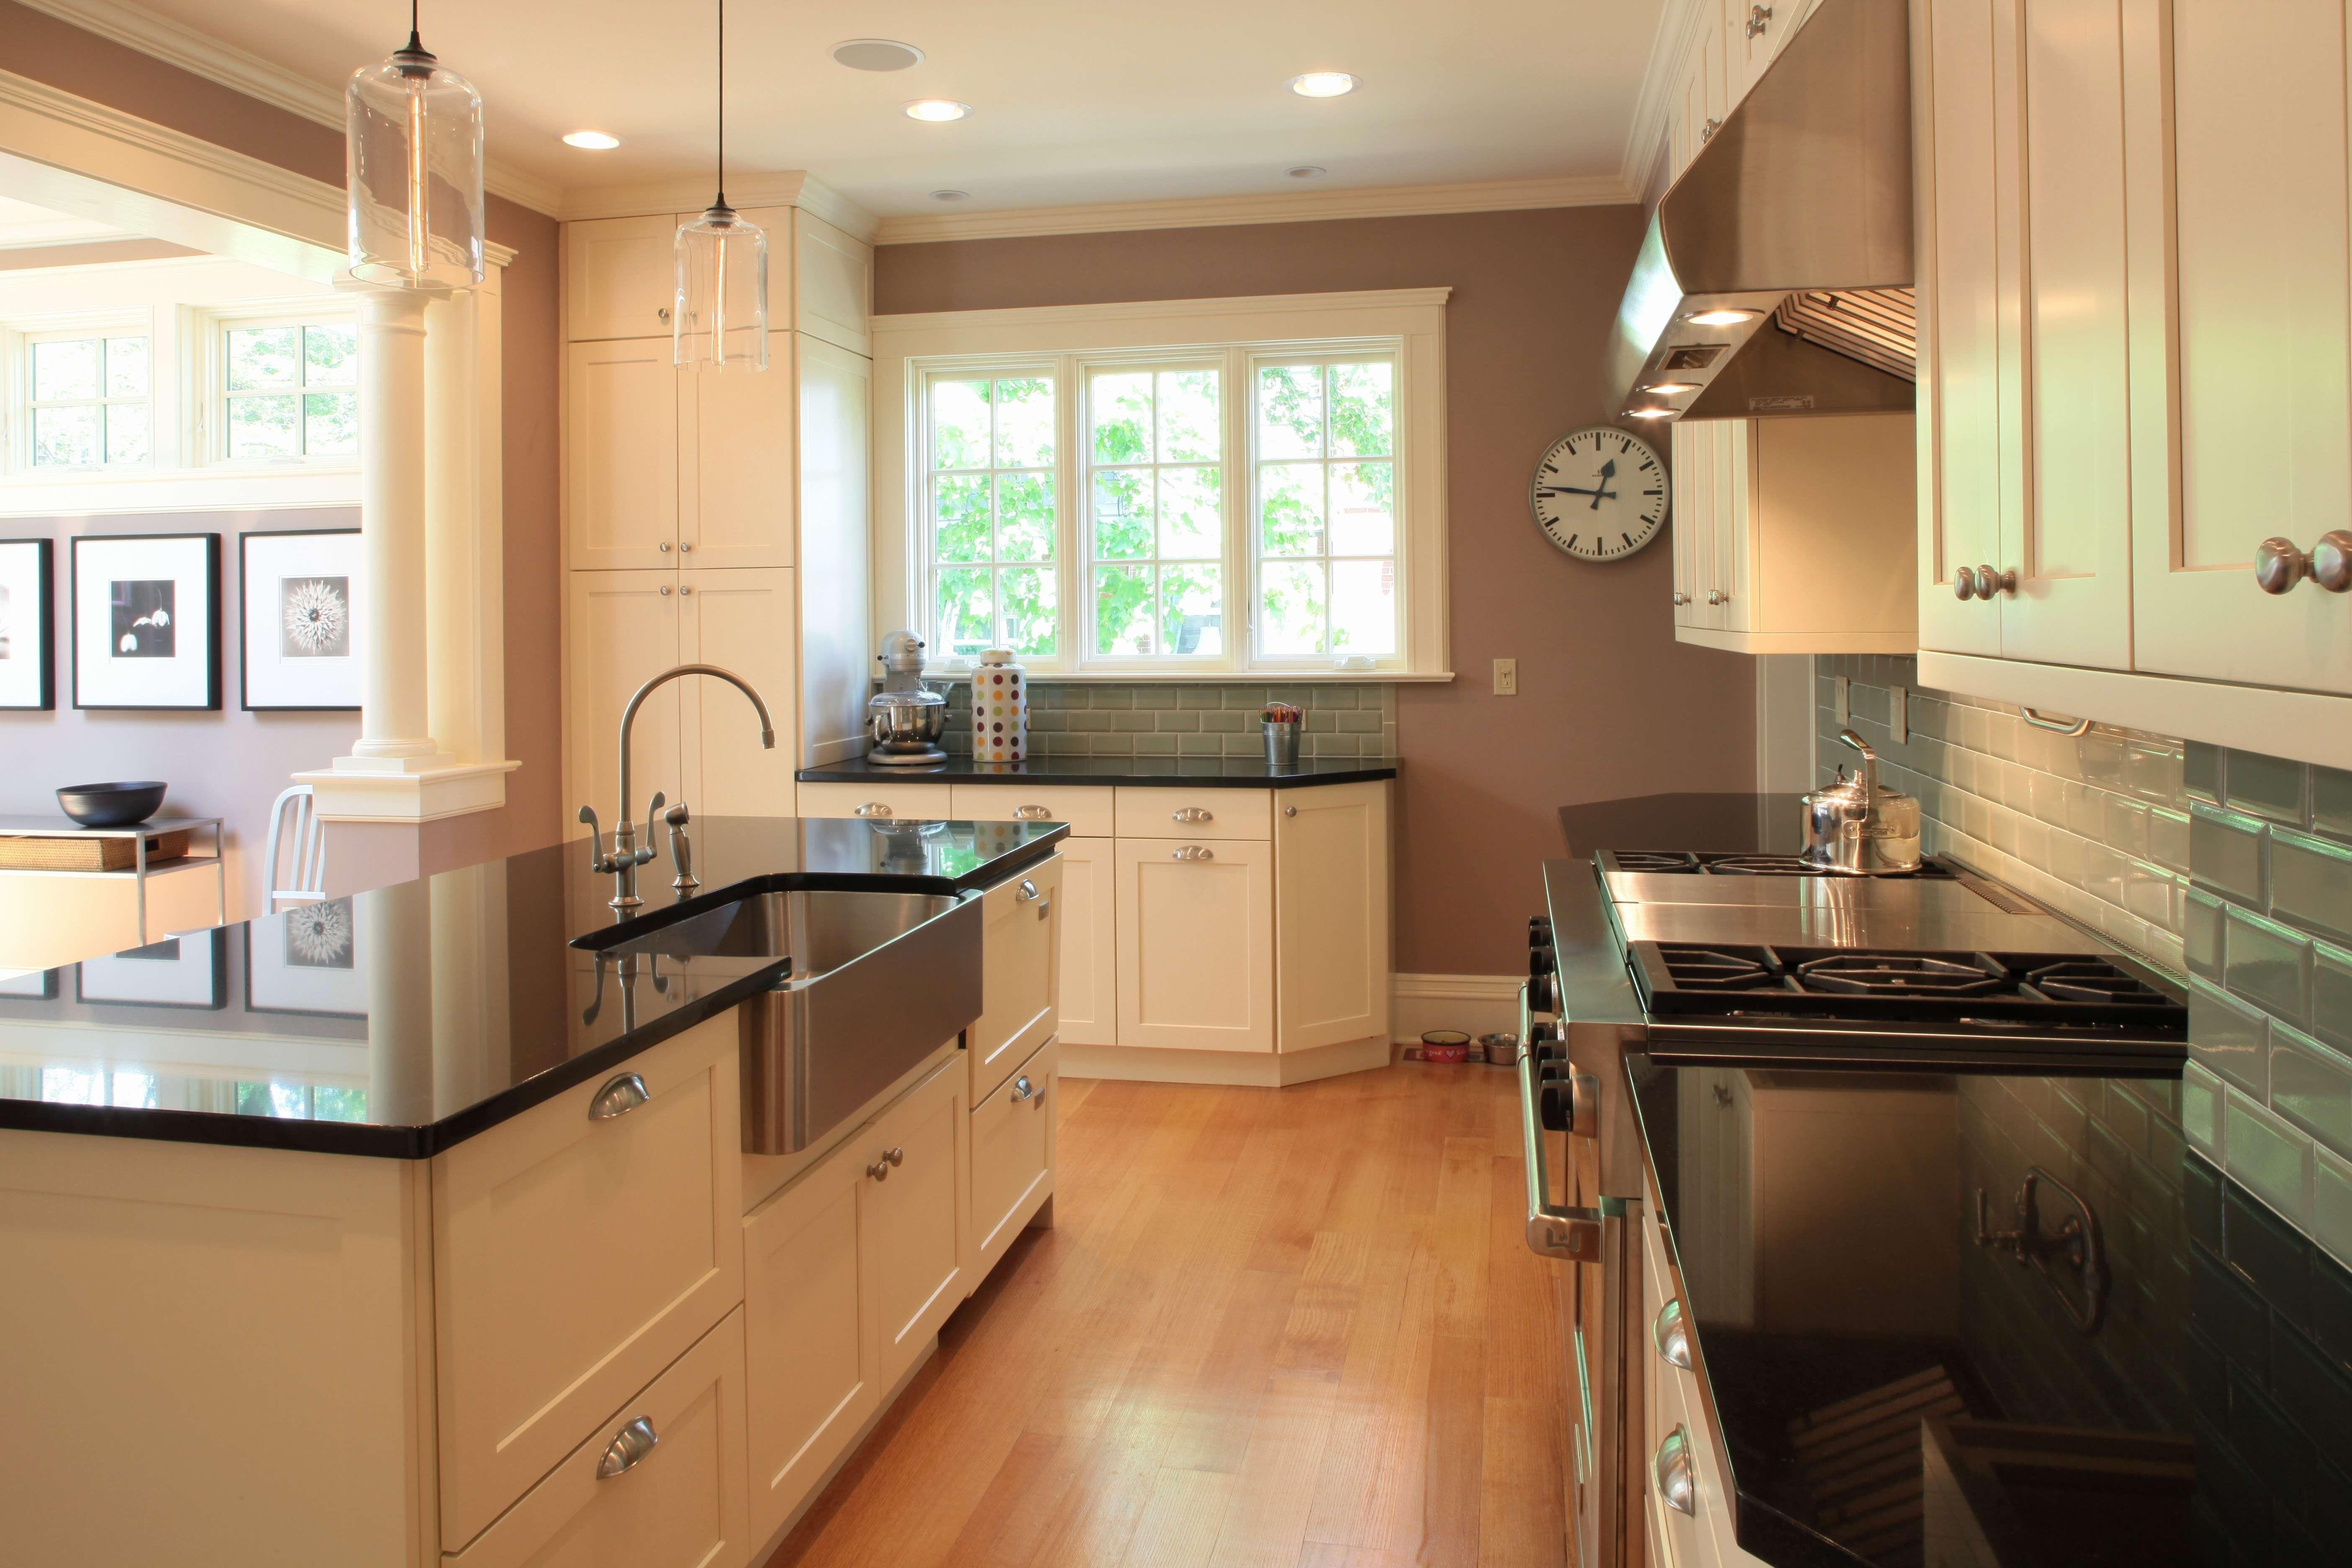 Dream Kitchen Pictures March 2019 Kitchen Design Small Glass Kitchen Cabinets Kitchen Layout